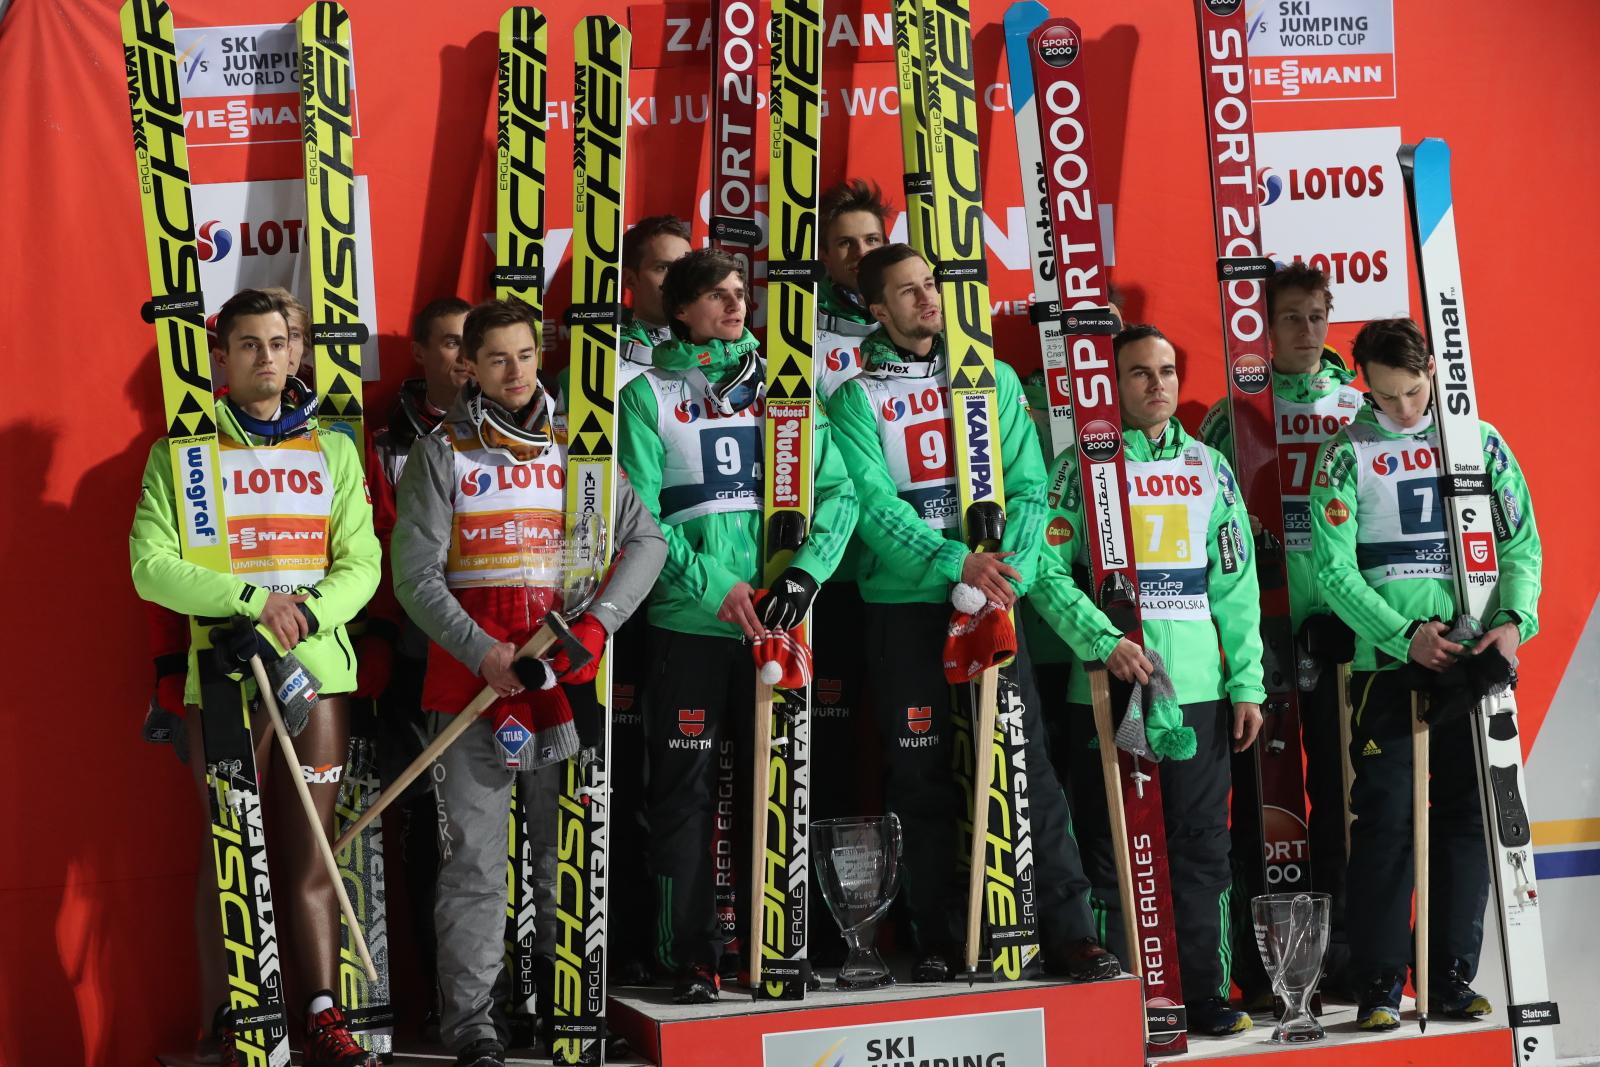 Polacy - Kamil Stoch, Piotr Żyła, Dawid Kubacki i Maciej Kot na drugim stopniu podium podczas ceremonii dekoracji zwycięzców konkursu drużynowego Pucharu ŒŚwiata w skokach narciarskich w Zakopanem.  Zwyciężyli Niemcy, a trzecie miejsce zajęła drużyna Słowenii. Fot. PAP/Grzegorz Momot